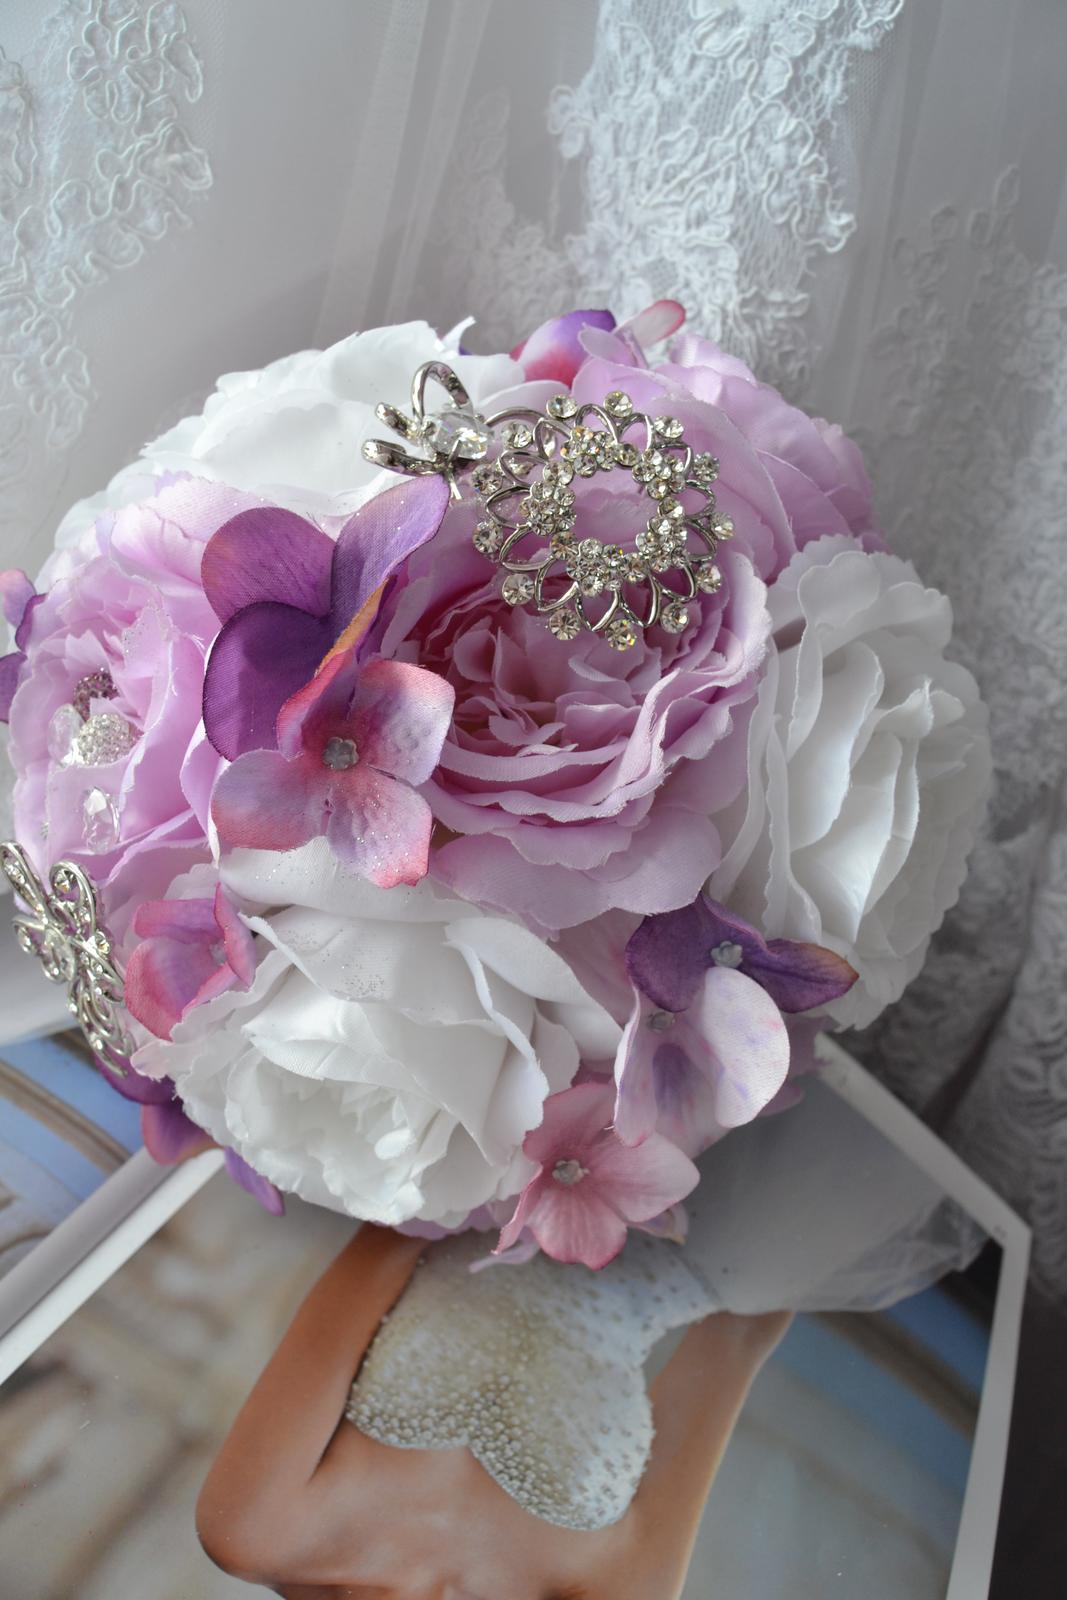 Látkové umělé svatební kytice-info - Obrázek č. 9